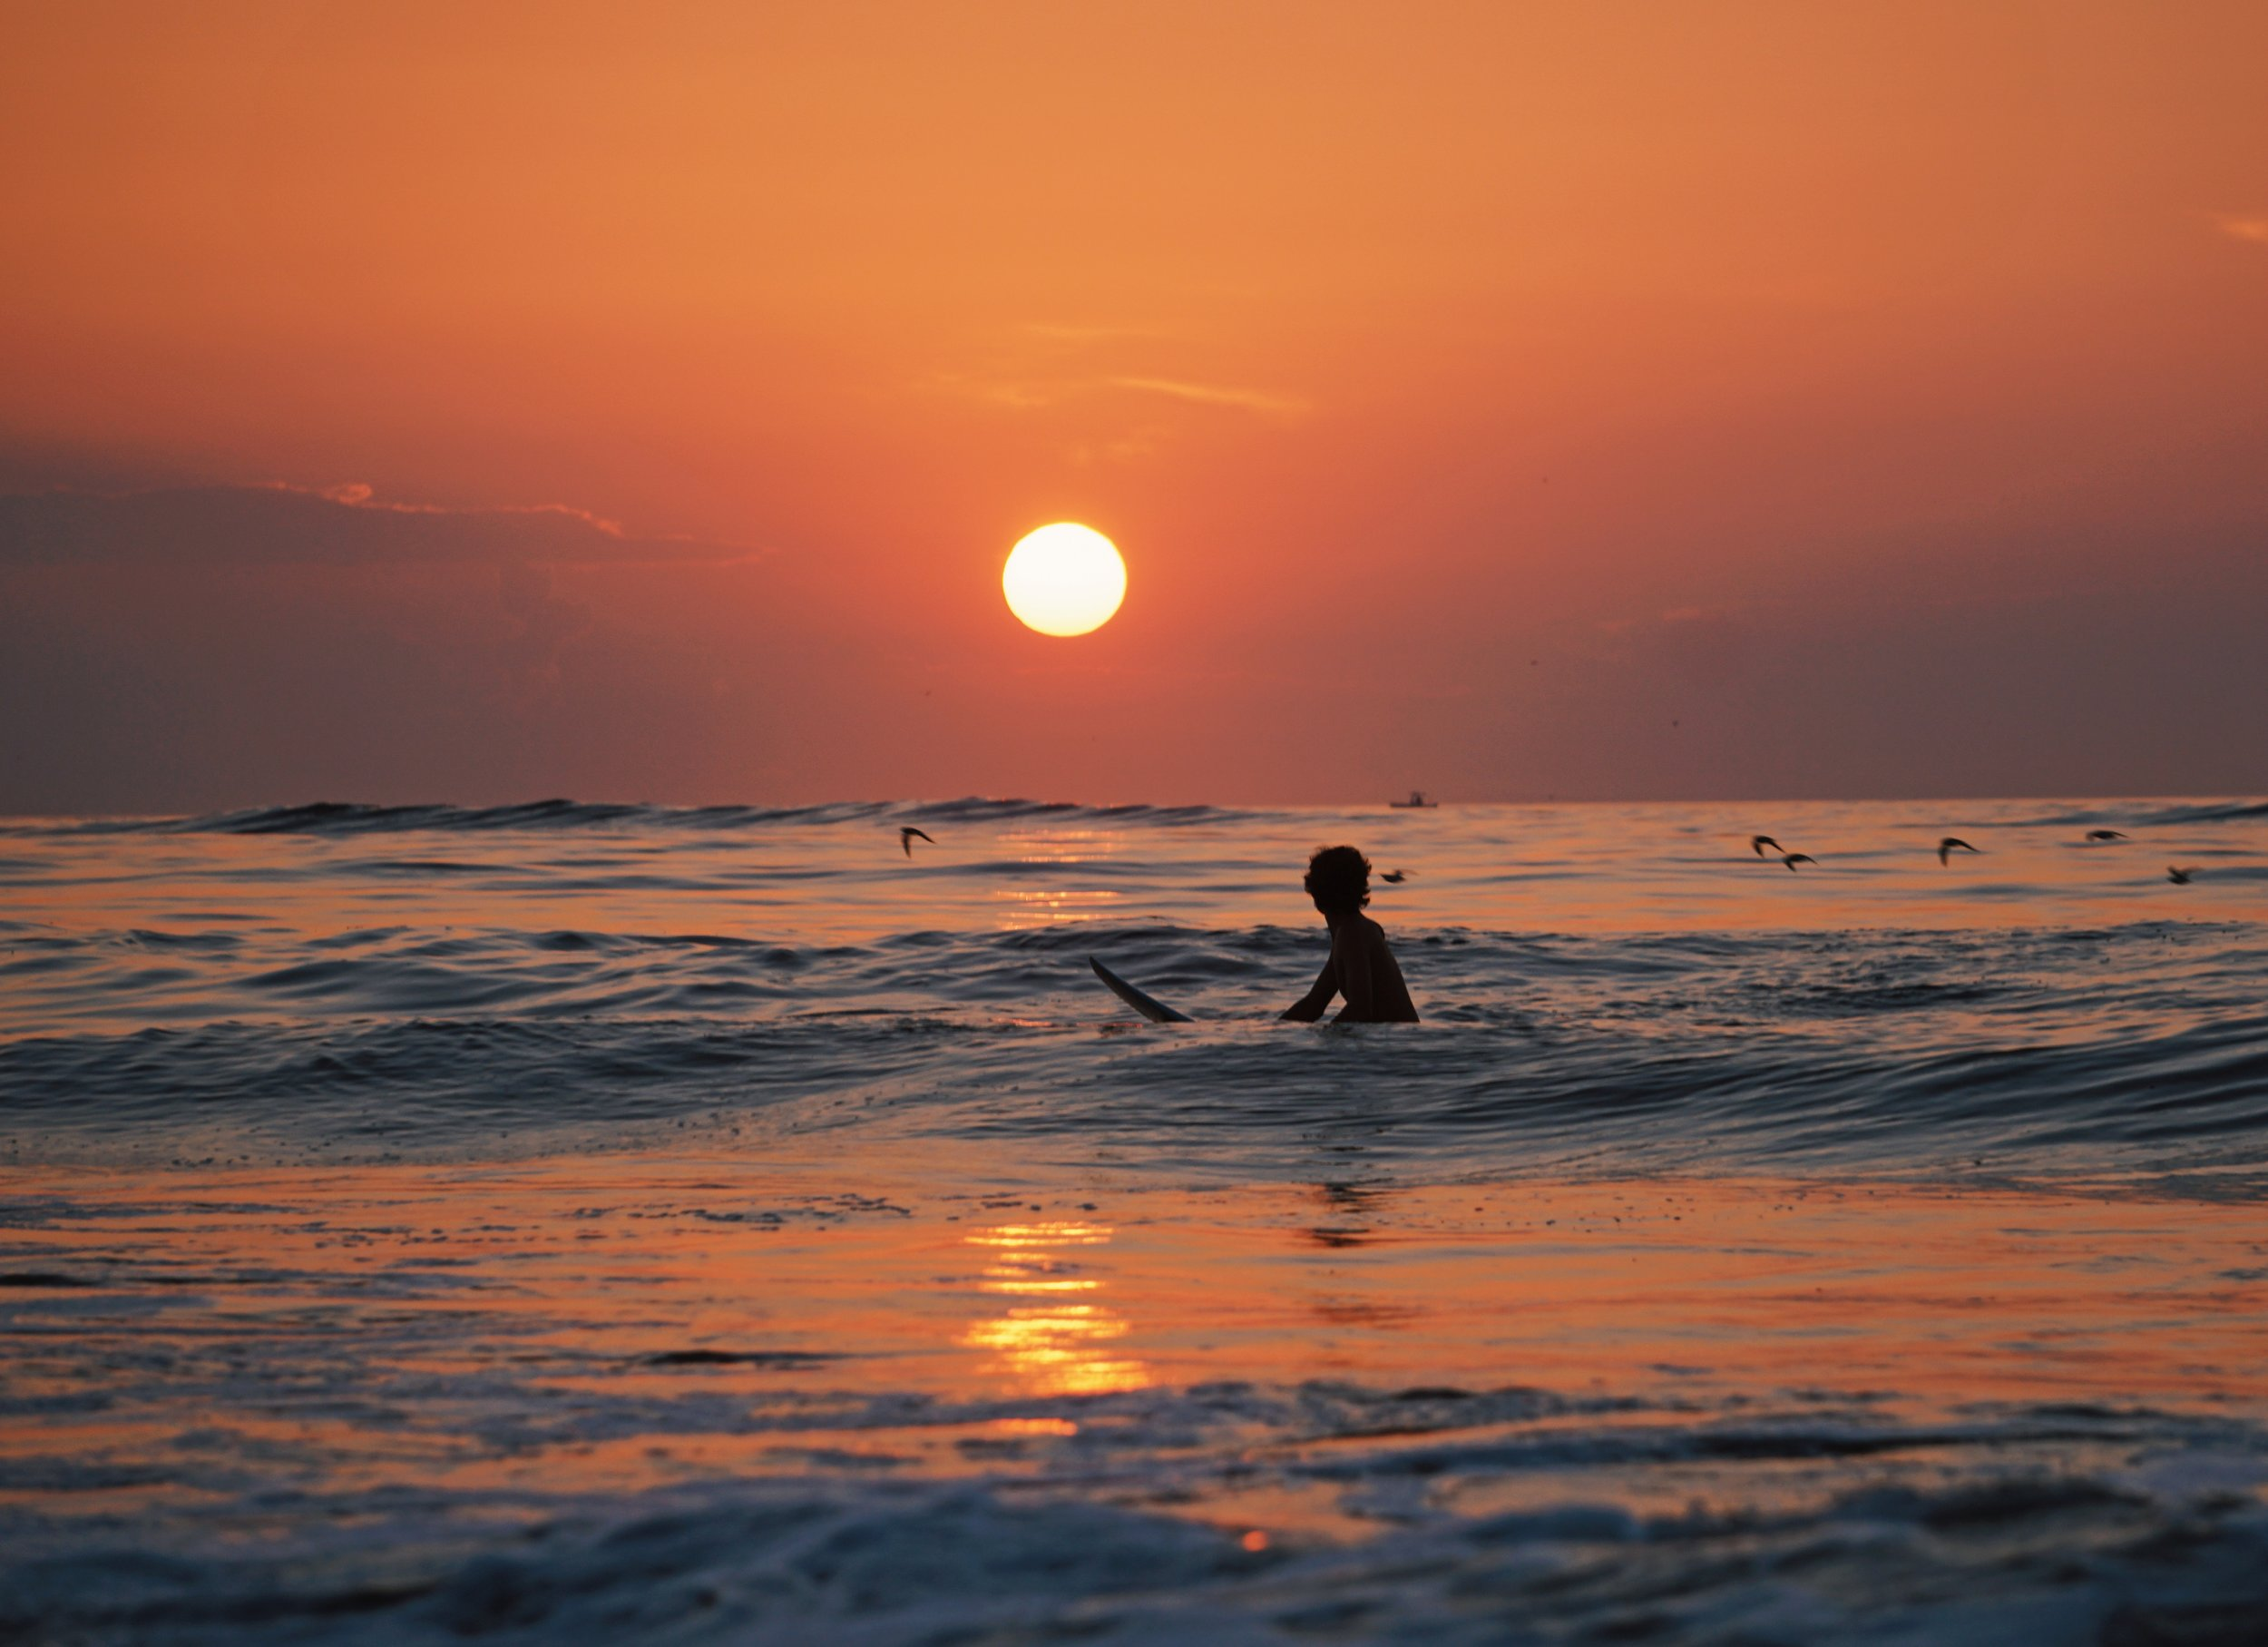 - 09:00: Desayuno [todo el mundo a la vez]10:00: Clases de surf.Vuelta a España.Serentripia es ir a hacer surf a Marruecos, y volver enamorado de su cultura y paz.